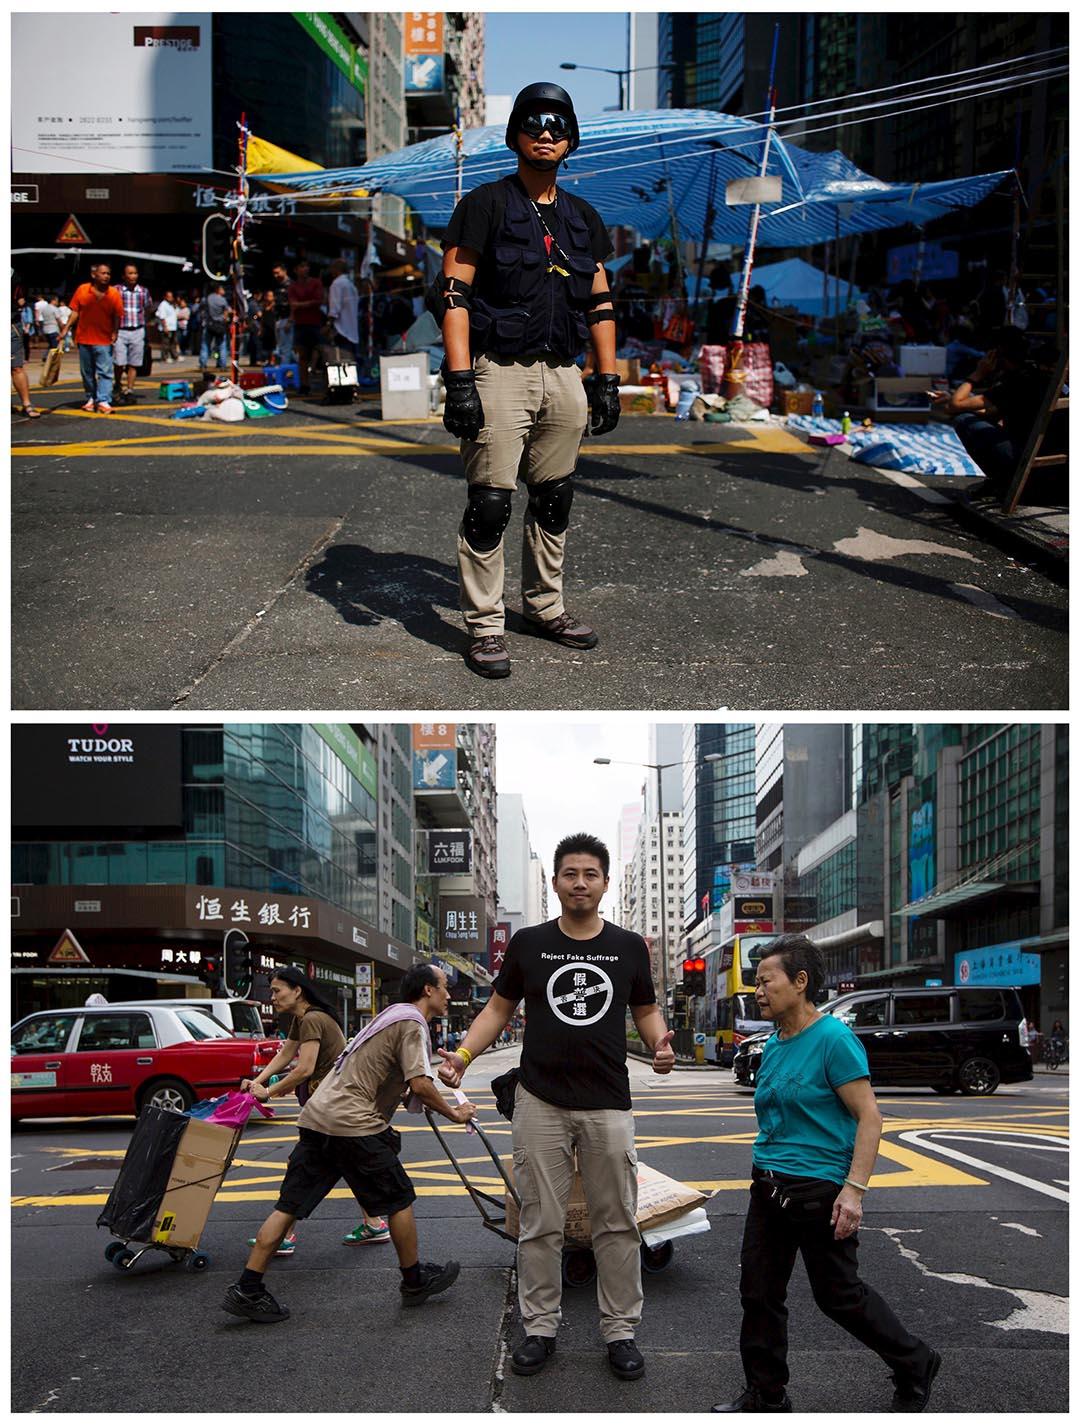 上圖攝於去年10月7日,人稱美國隊長的容偉業在旺角佔領區戴上保護衣物。下圖攝於今年9月17日,容偉業重返旺角亞皆老街拍照。他說:「雨傘運動是百年難得一遇的抗爭。雖然我的家人反對我參與抗爭,但我不會放棄。」 Bobby攝:(上圖)Bobby Yip/REUTERS,(下圖)Tyrone Siu/REUTERS